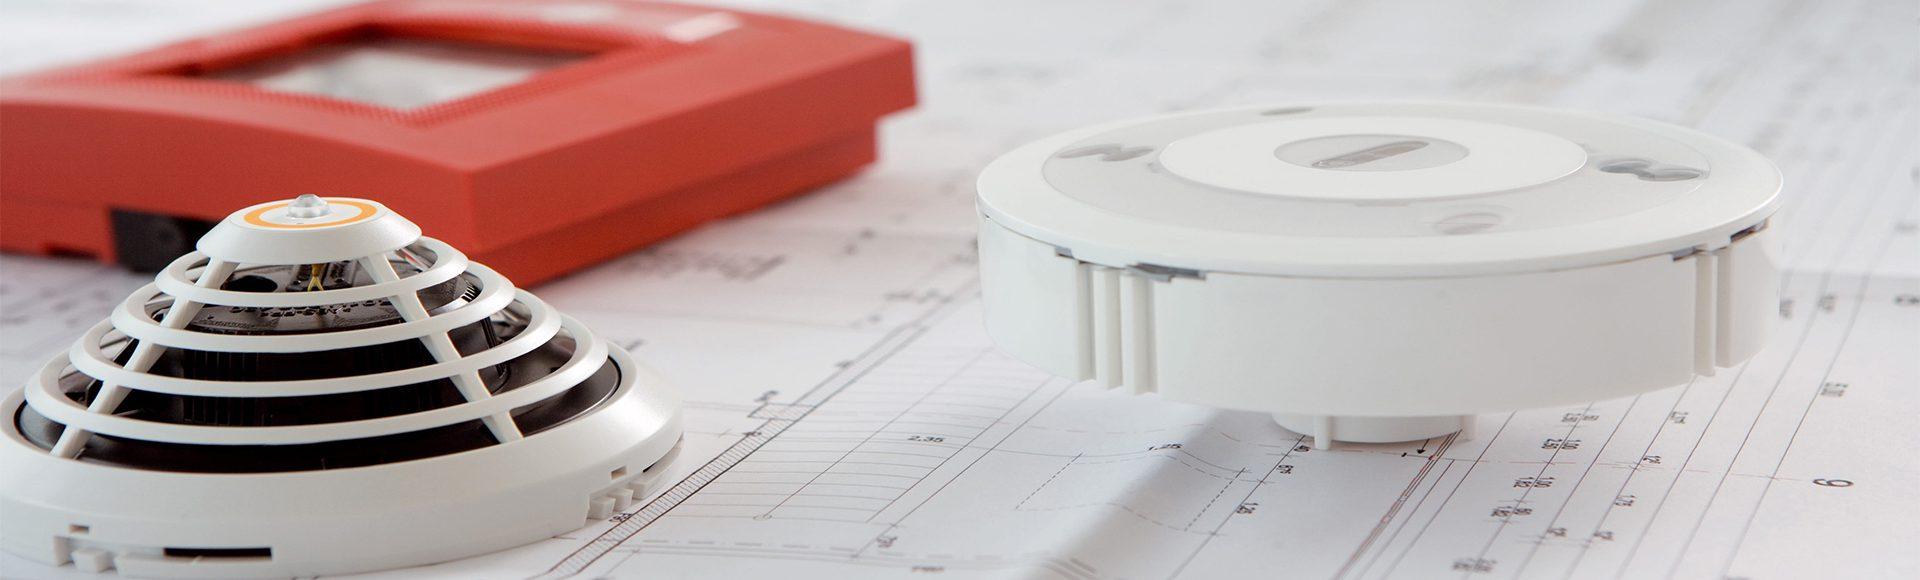 Проектирование, монтаж и обслуживание систем пожарной безопасности